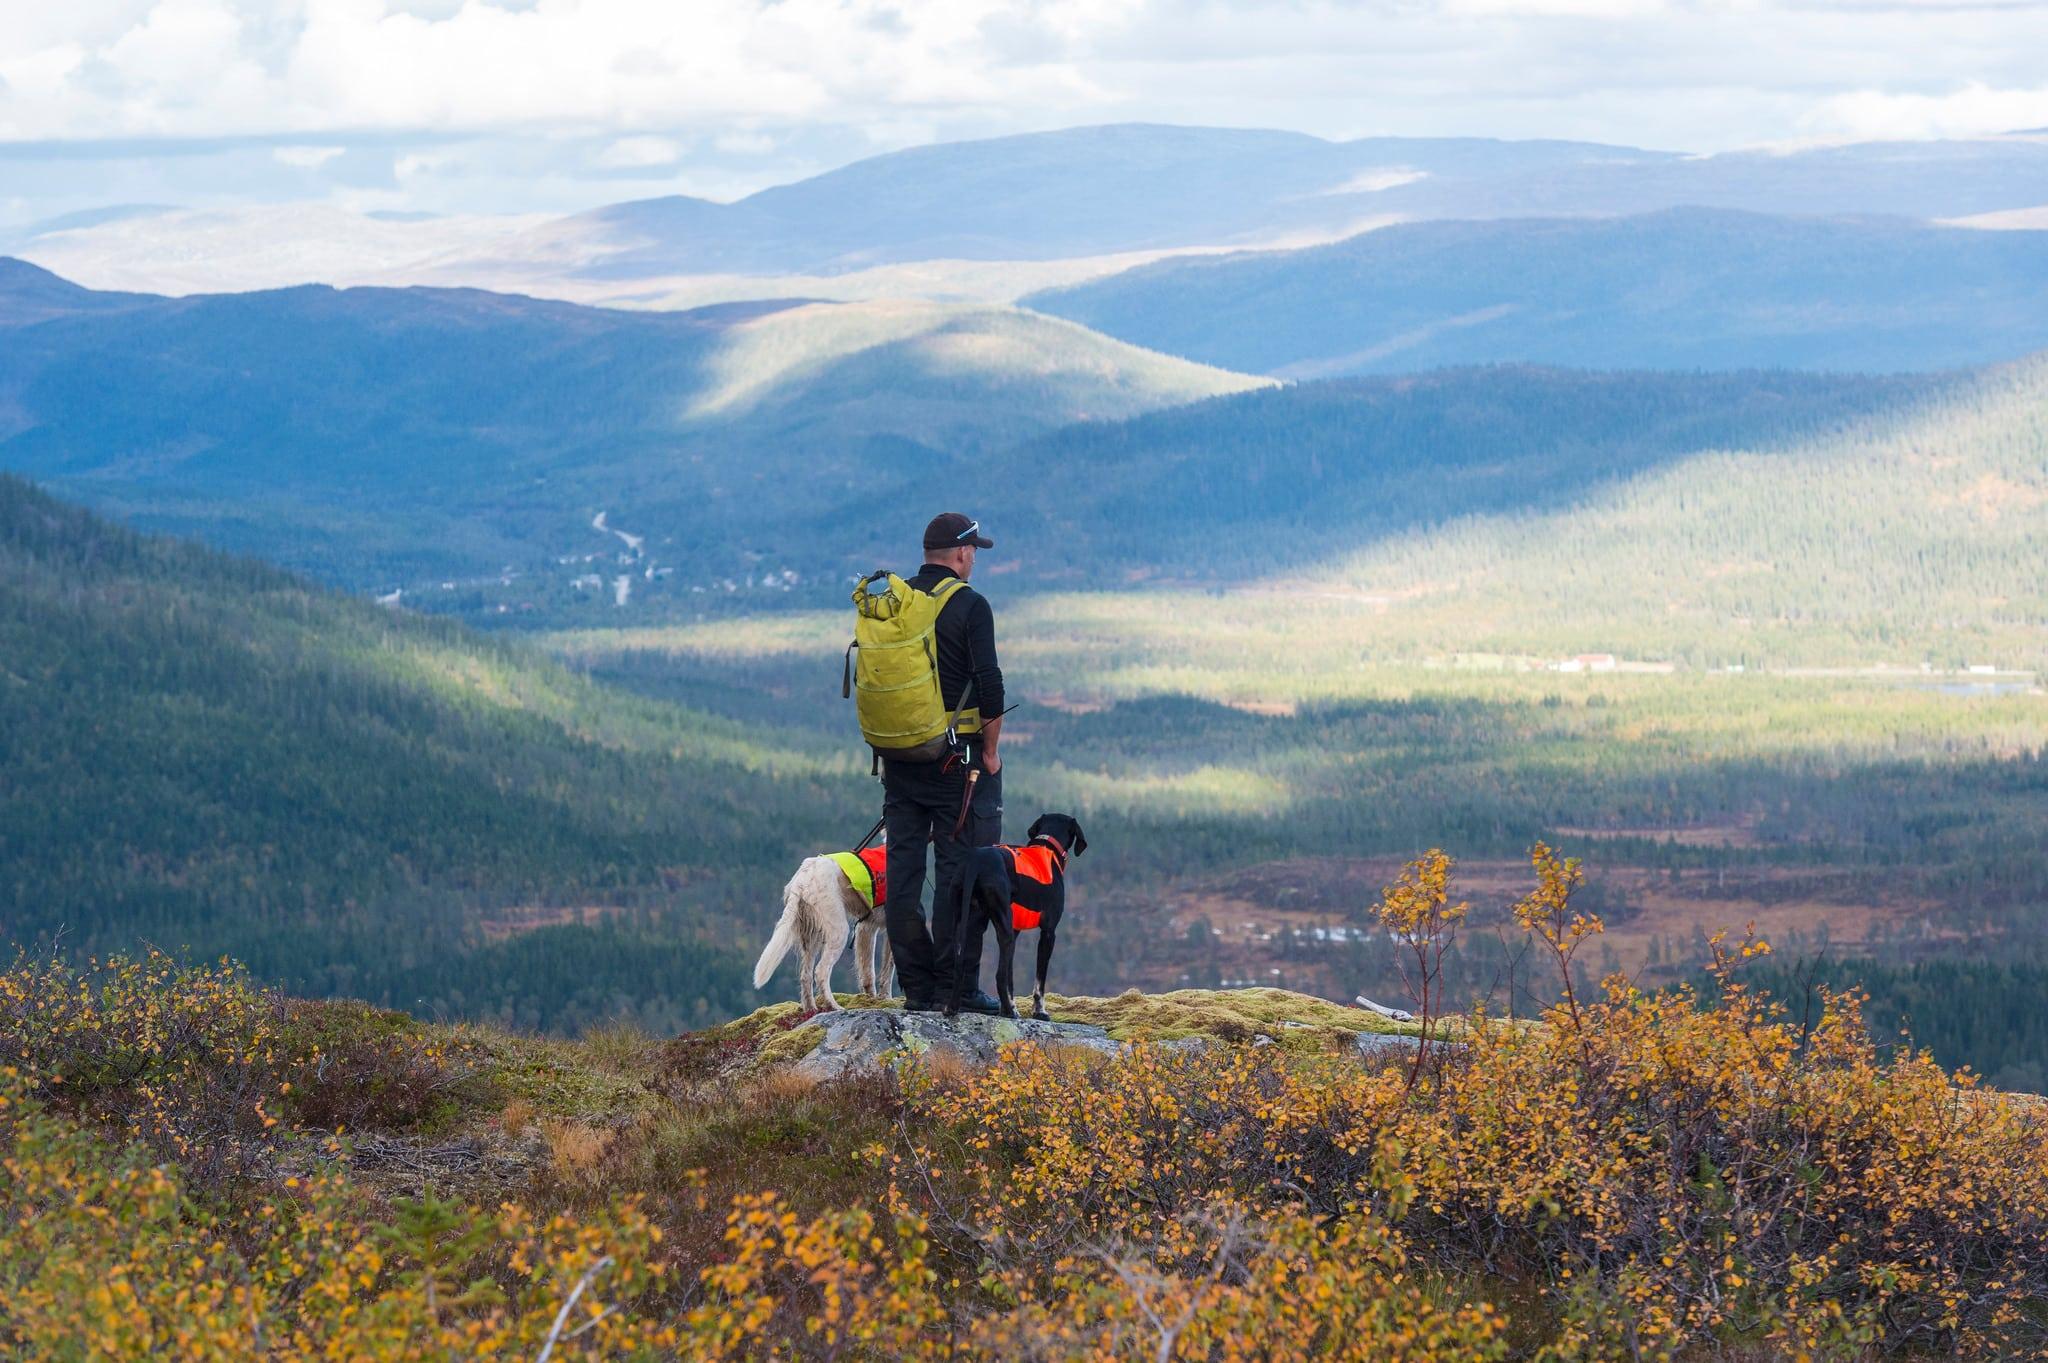 Trots att regeringen vill ge boende i Sverige förtur till småviltjakten i fjällen i inledningen av jakten är det fortsatt många jägare som tvingas ha sina hundar i koppel på grund av avlysta områden.